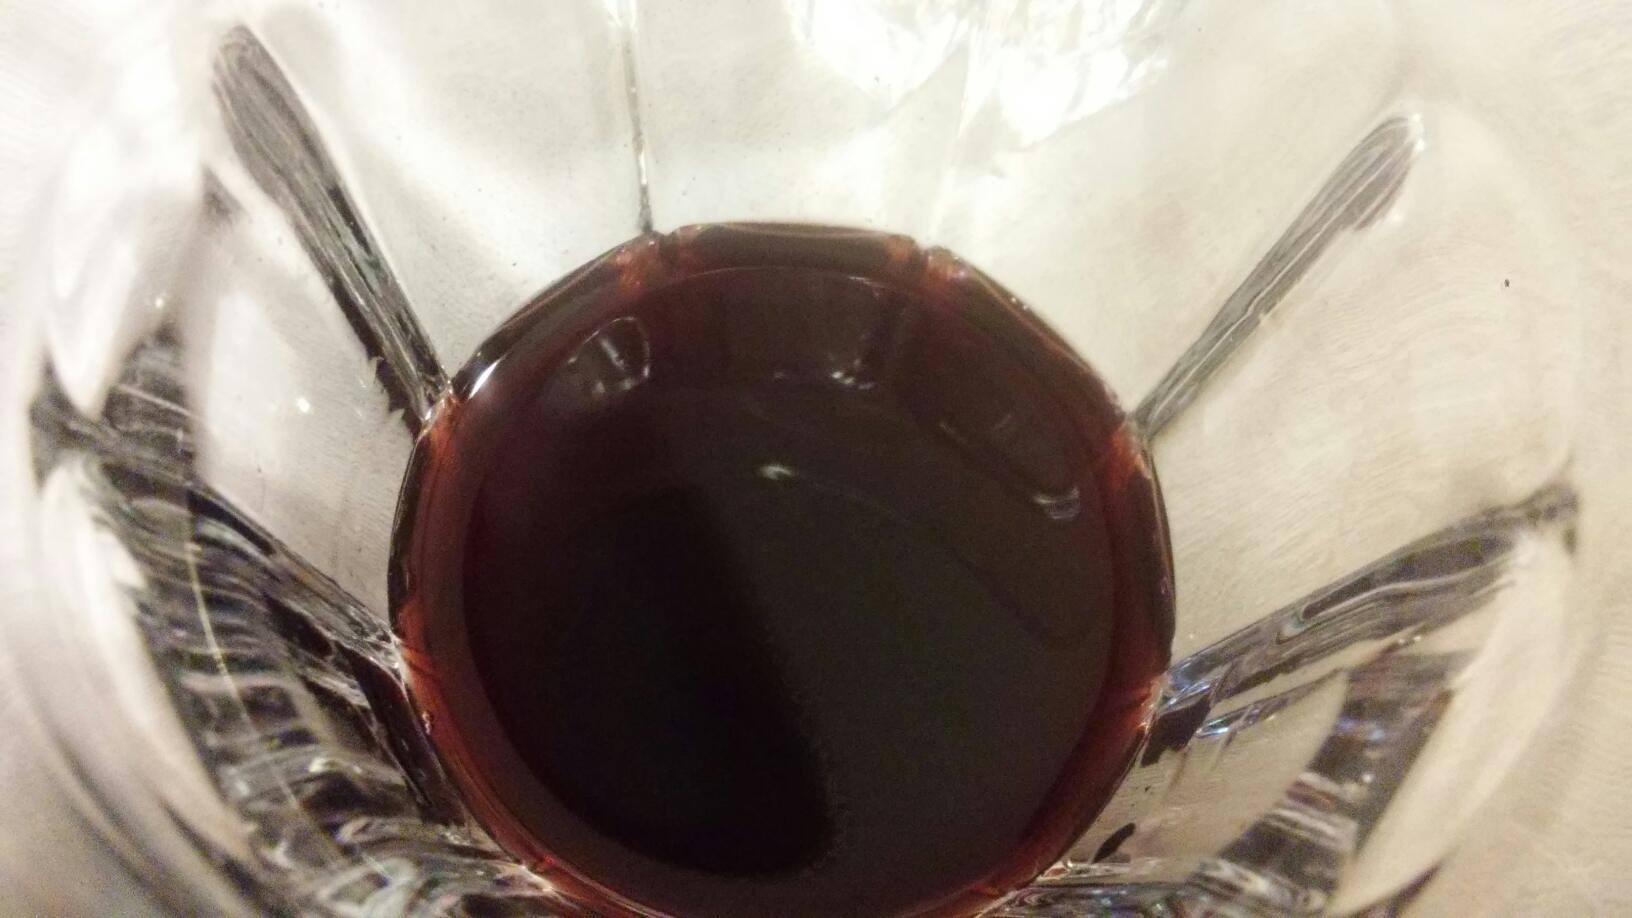 Che vino per il brasato? Ecco i vini consigliati!